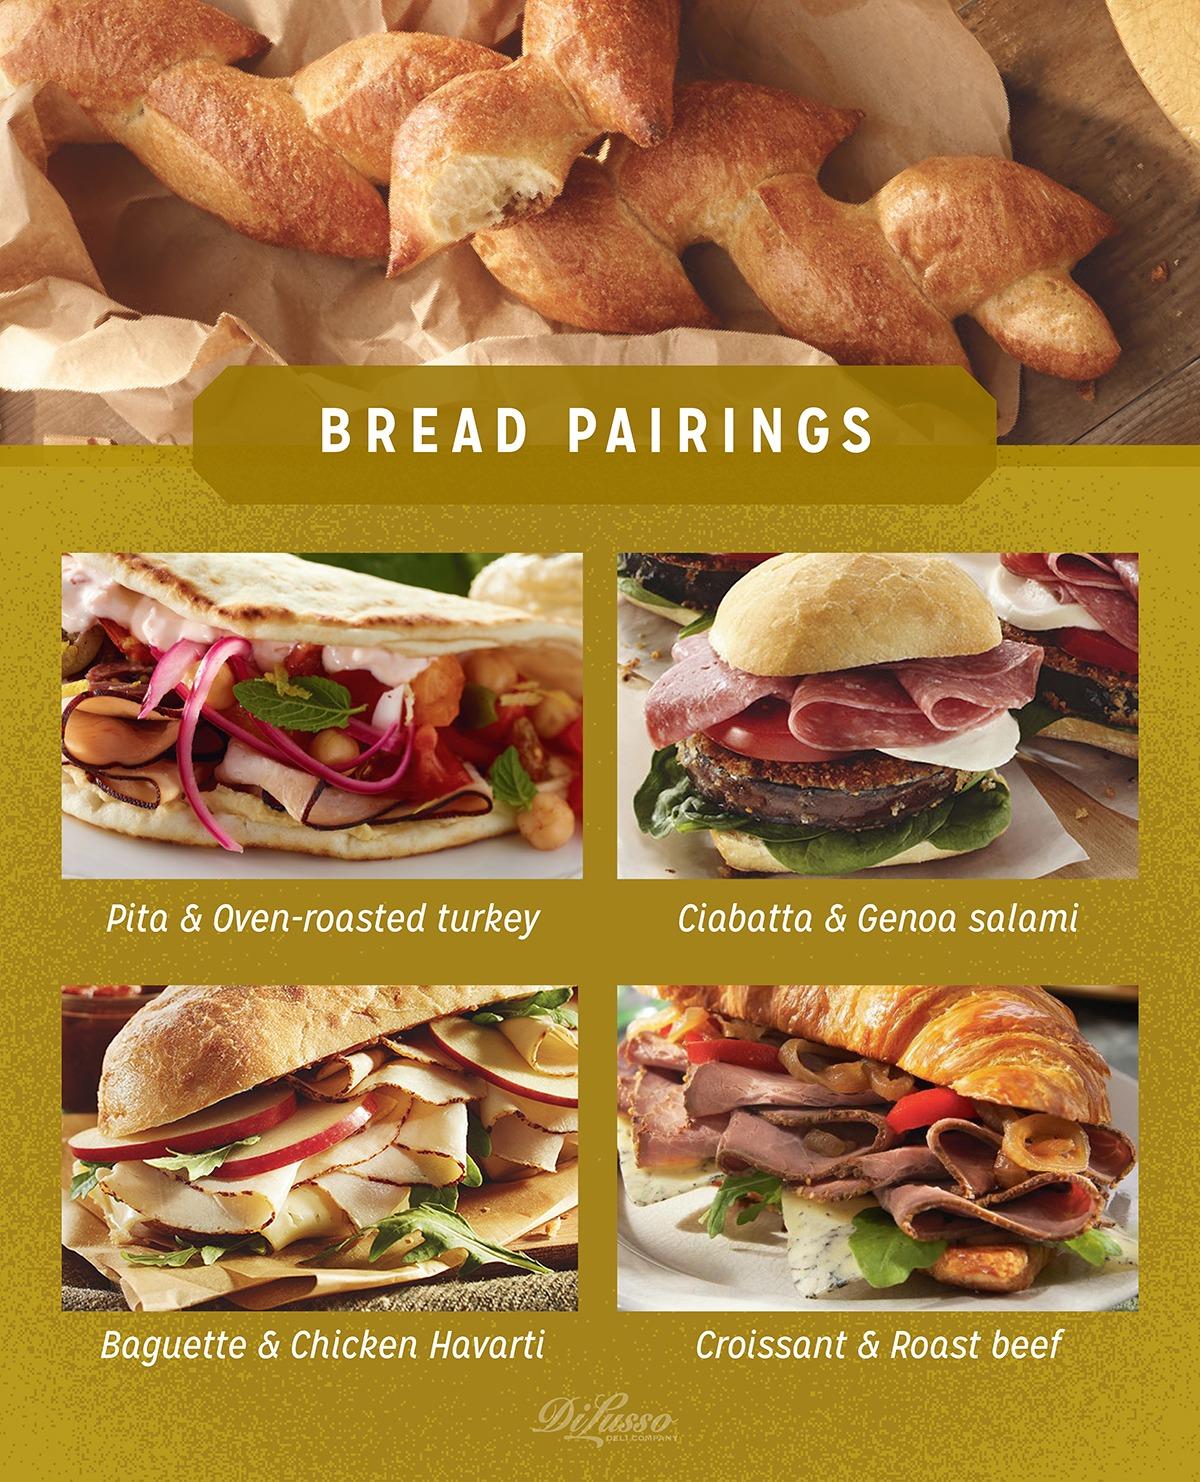 Bread Pairings